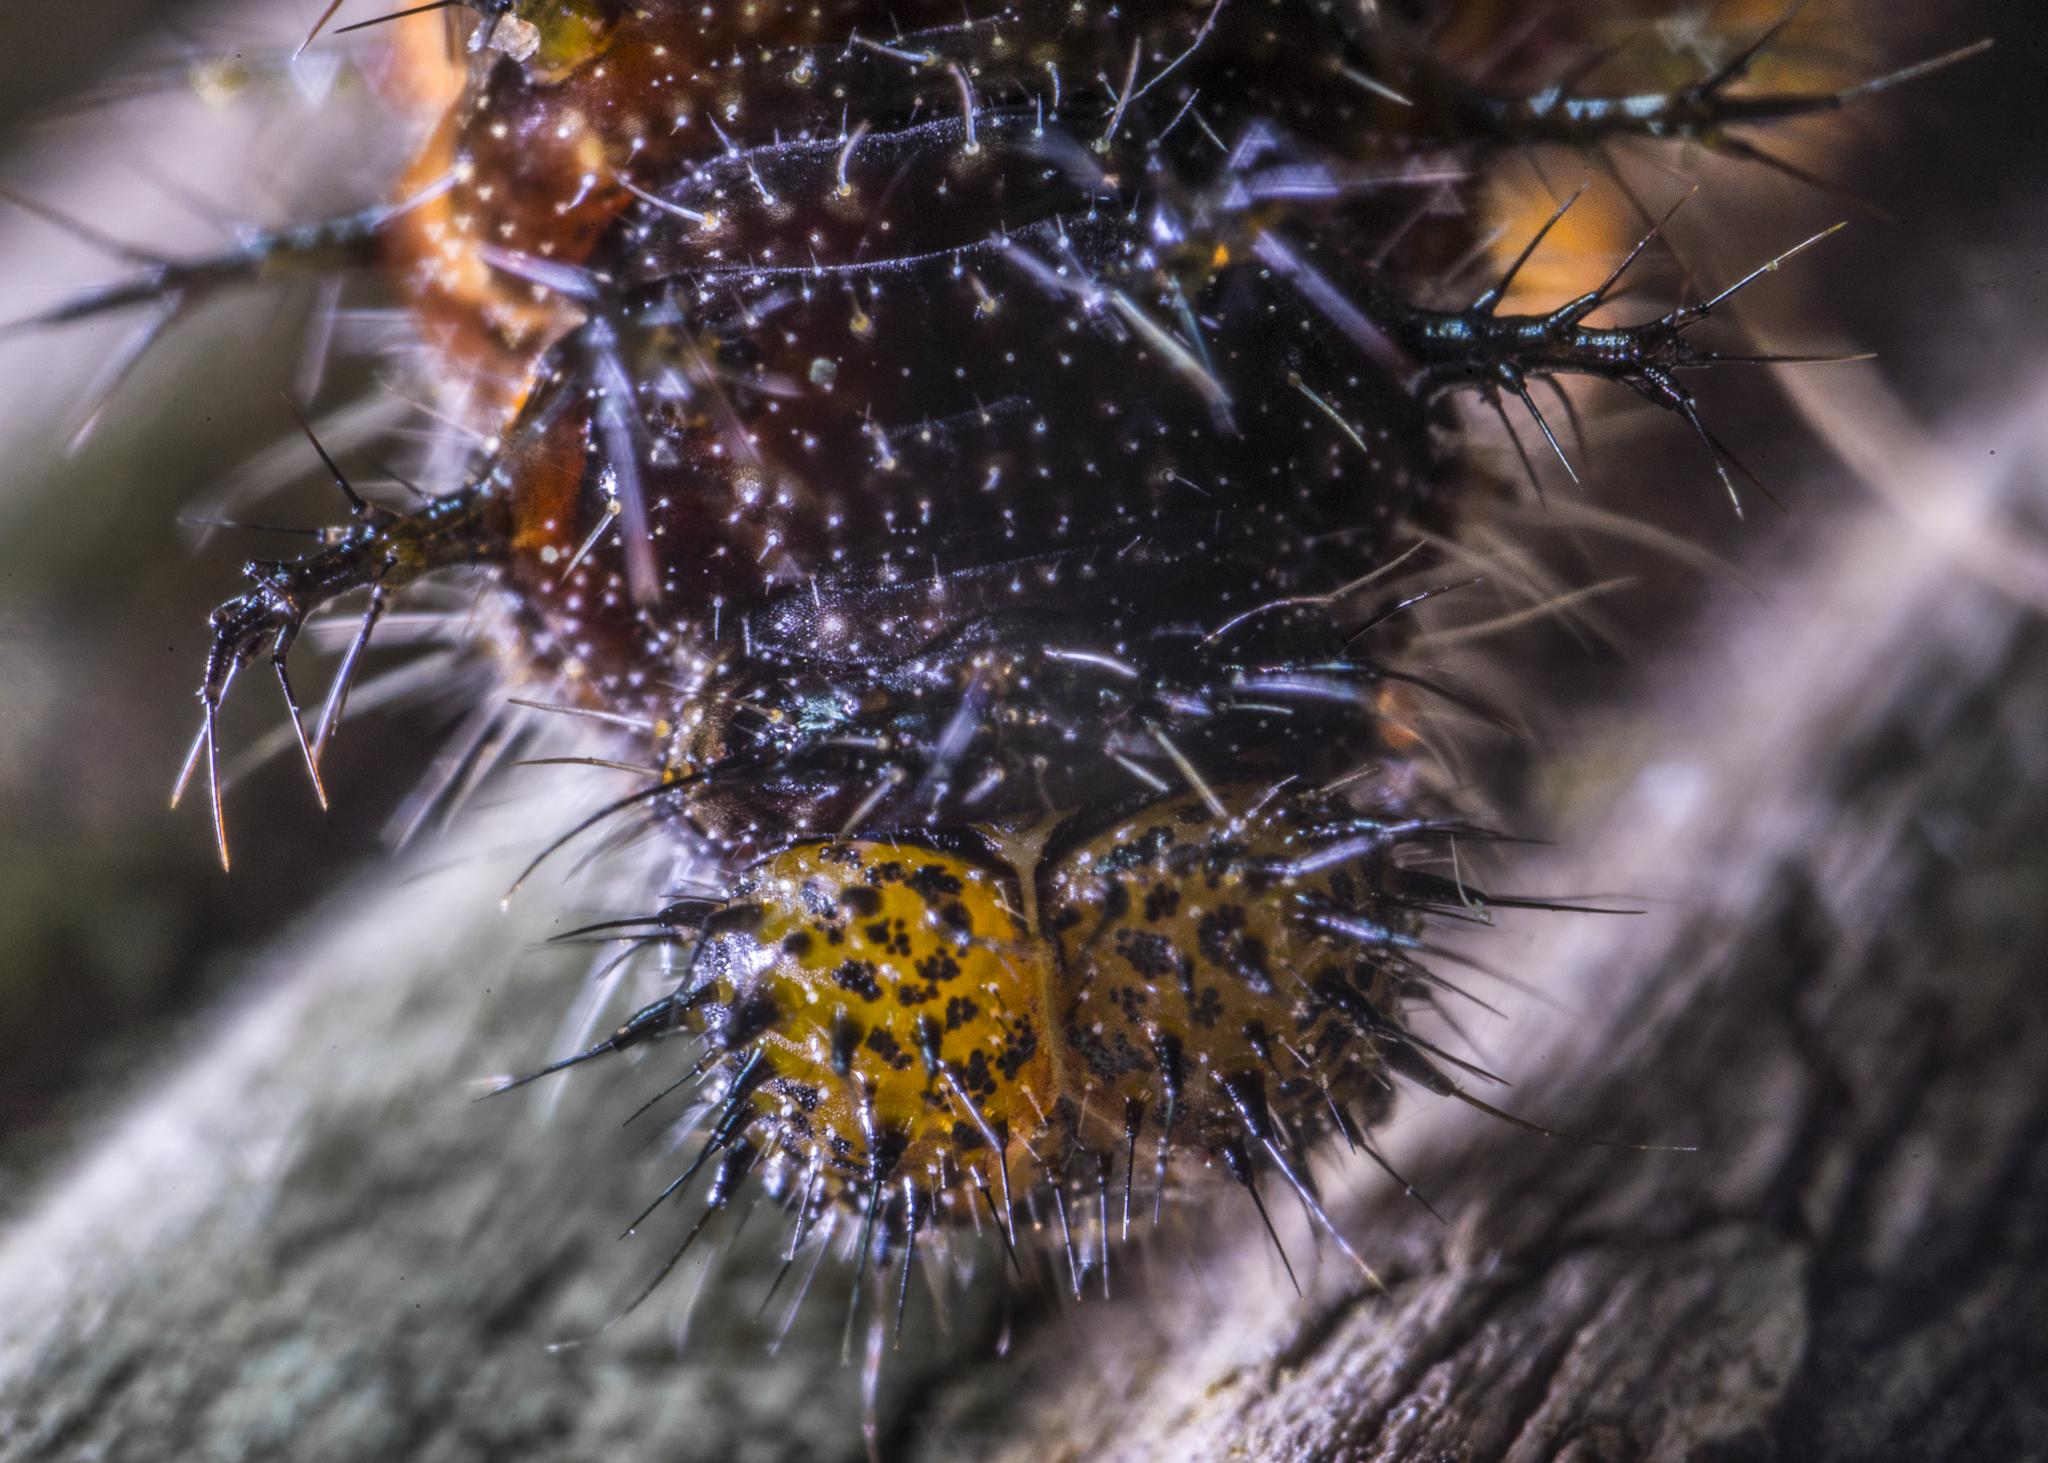 spikey caterpillar